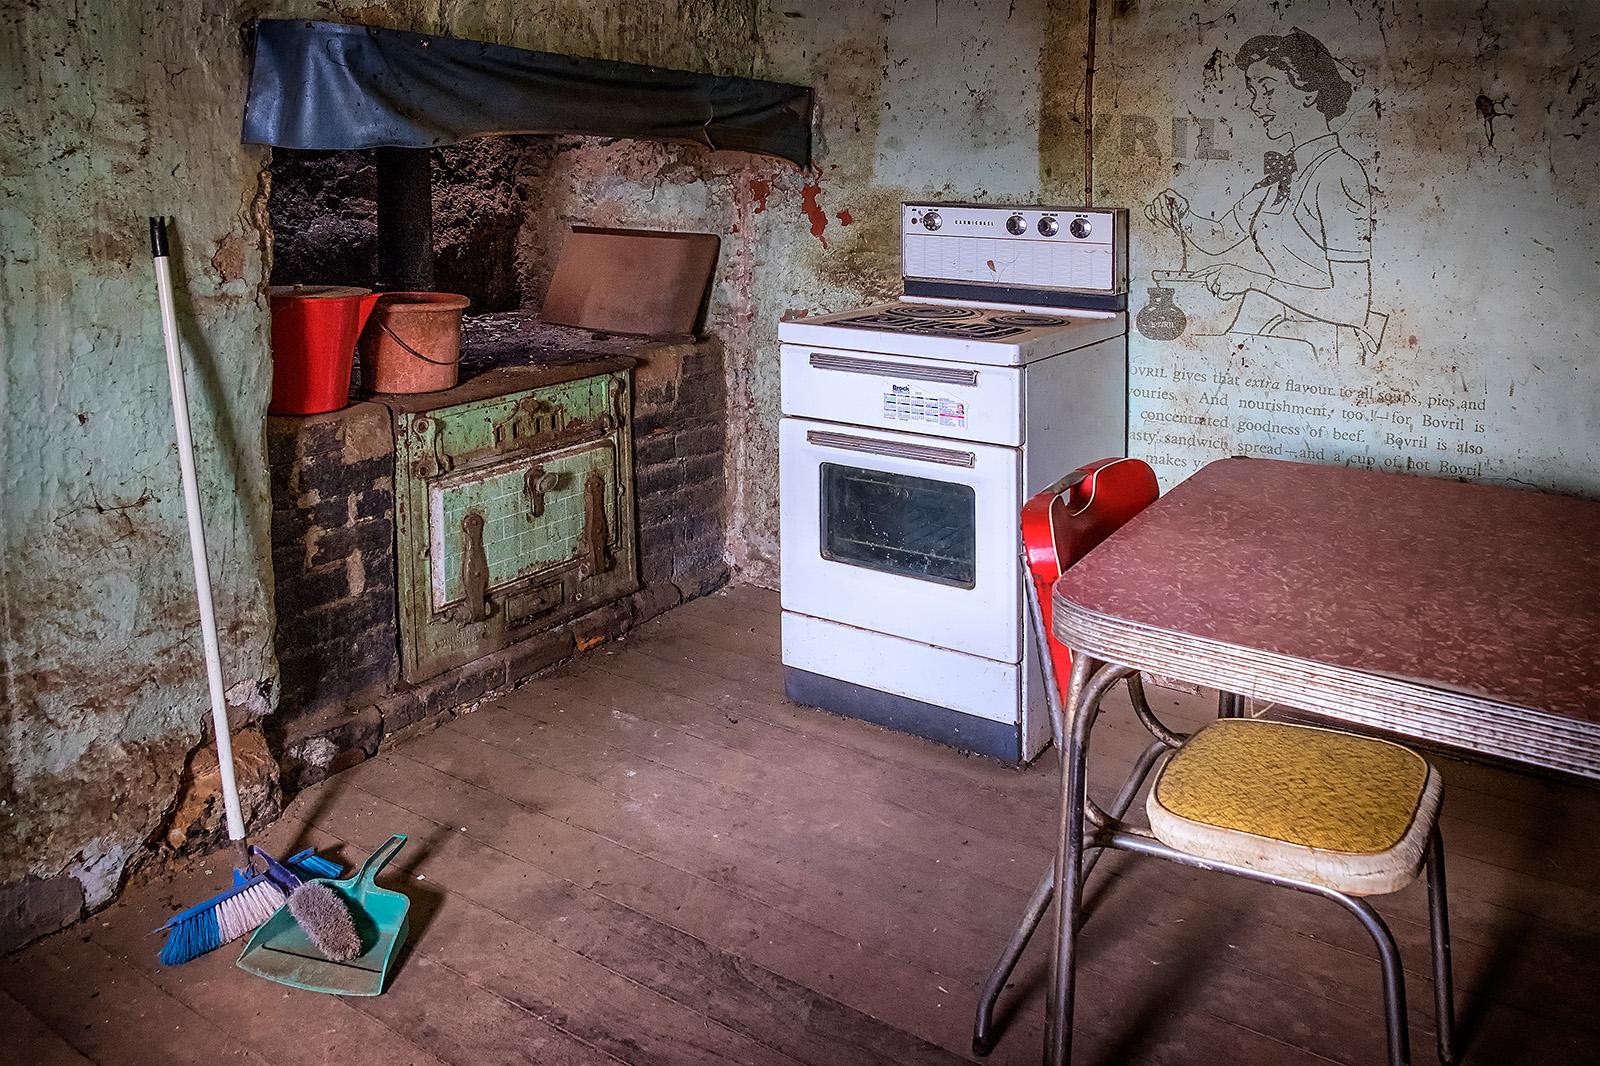 1-The cooks kitchen